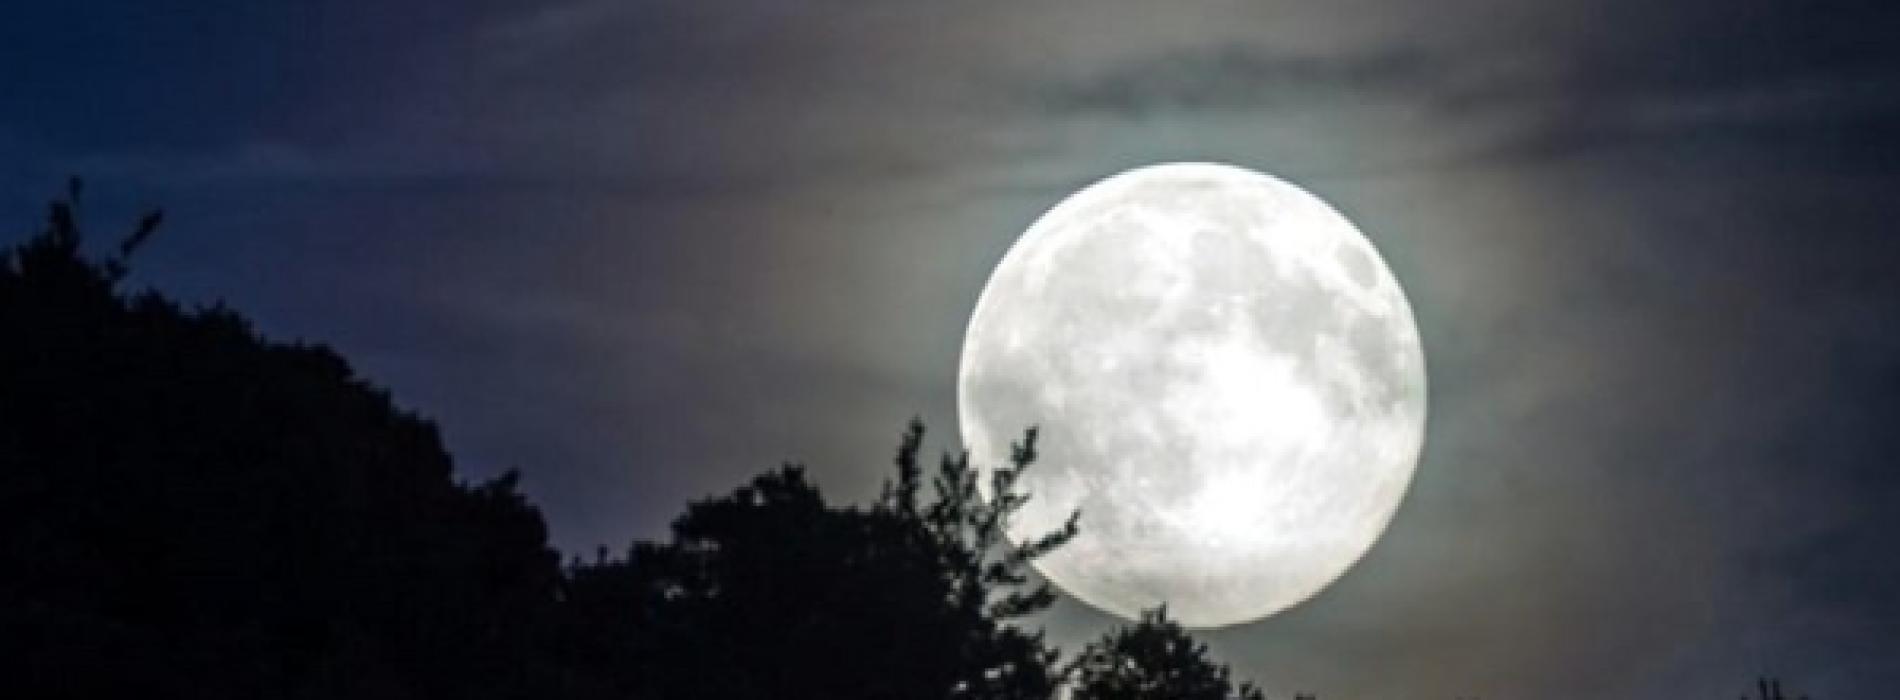 Guarda che luna, stanotte sembra avere la faccia di Marcoffio